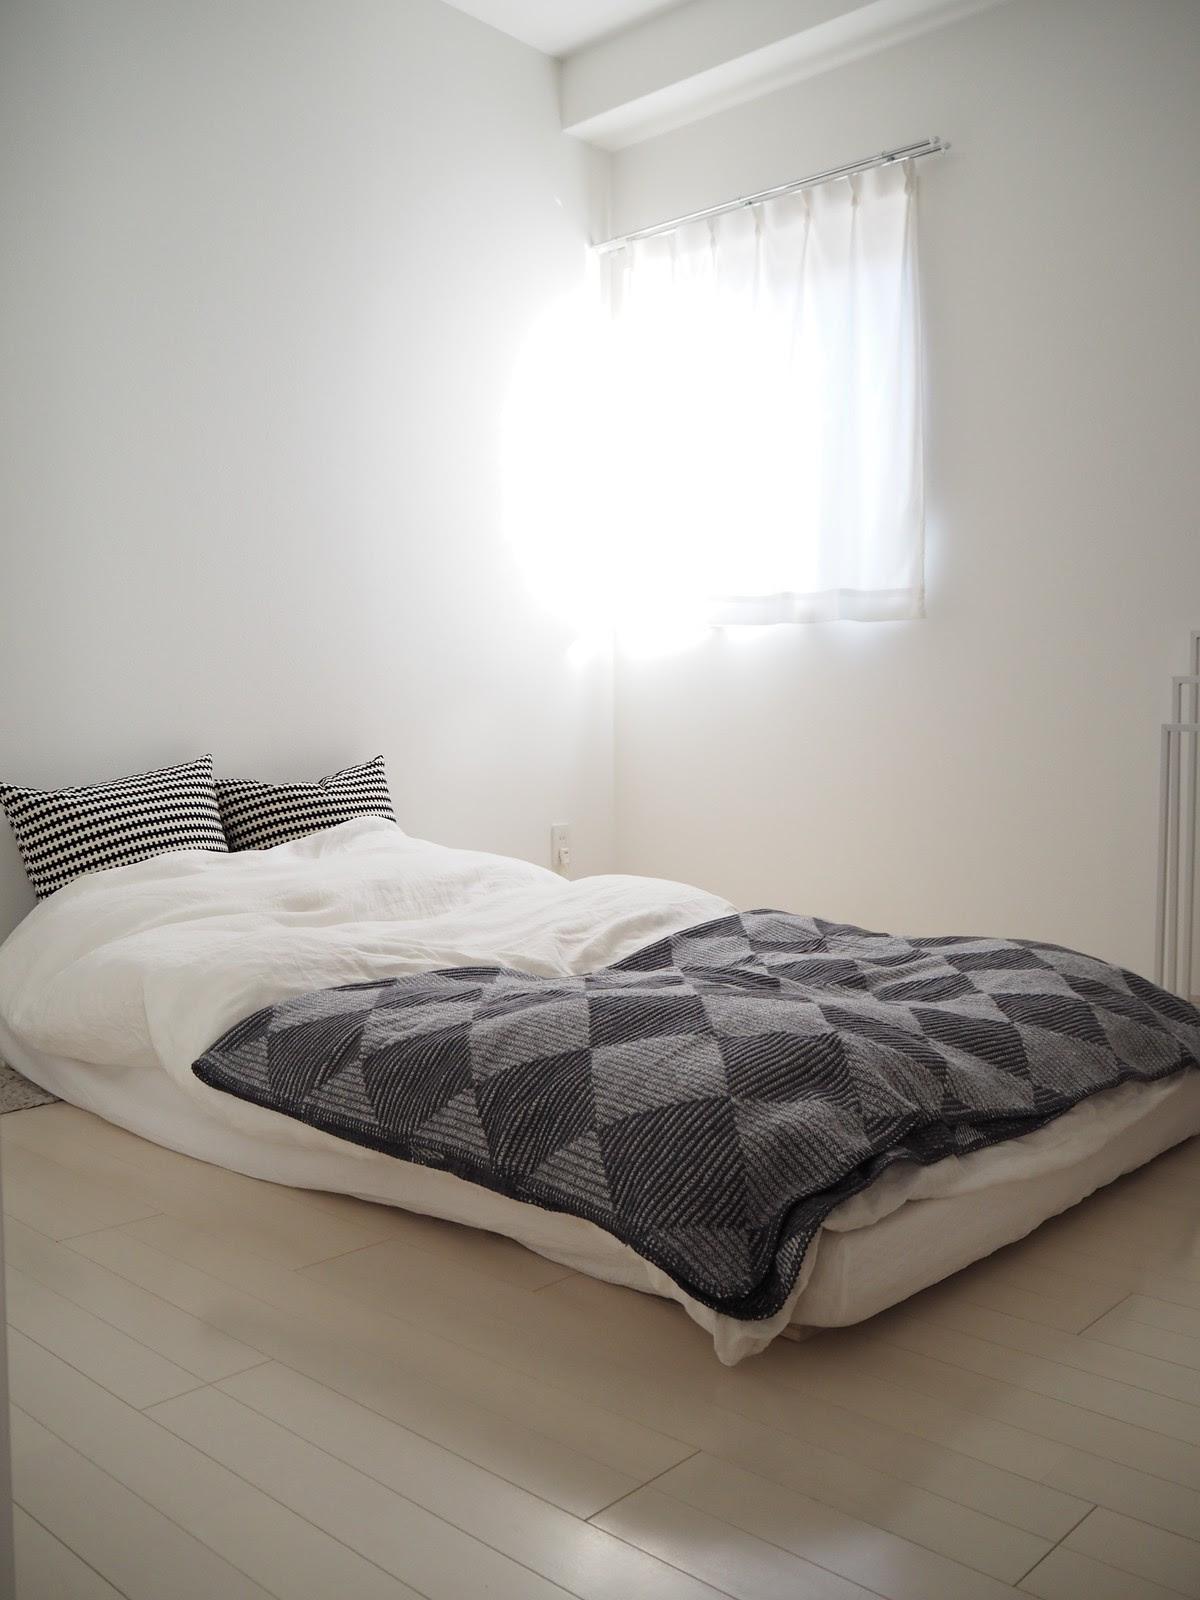 シンプル&ミニマムな寝室で最適な睡眠環境 : *LittleHome* Powered by ...